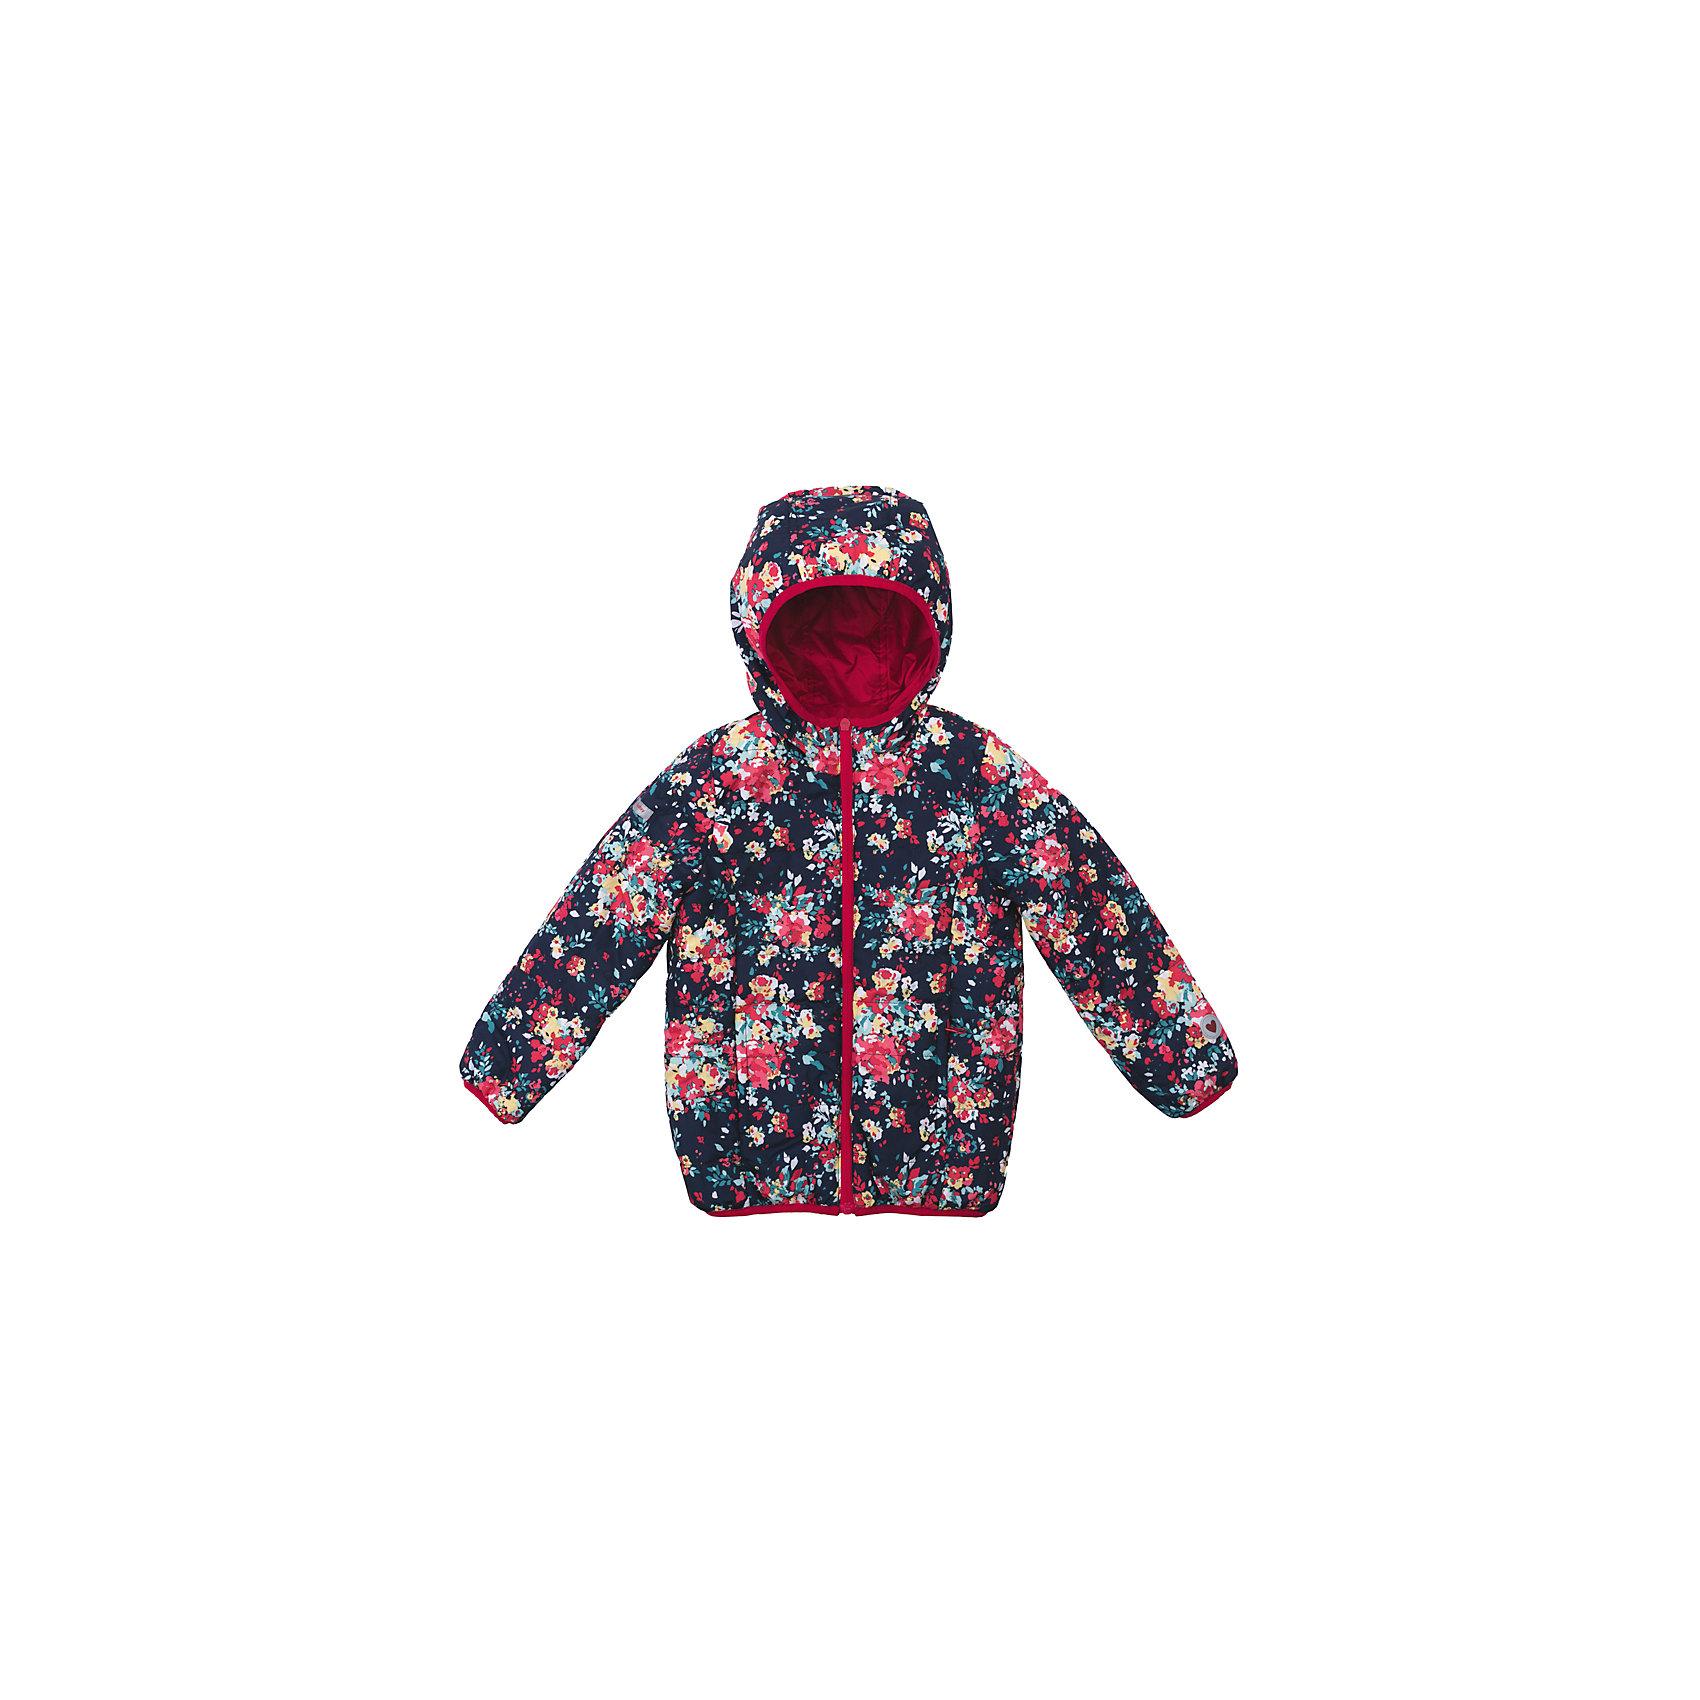 Куртка для девочки PlayTodayКуртка для девочки PlayToday<br>Практичная стильная двусторонняя утепленная куртка с капюшоном  - прекрасное решение для прохладной погоды. Капюшон на мягкой резинке не упадет с головы Вашего ребенка даже в самой активной игре.   Специальный карман для фиксации застежки-молнии не позволит застежке травмировать нежную детскую кожу. Мягкие трикотажные резинки на рукавах защитят от ветра, он не сможет проникнуть под куртку. Светоотражатели по низу изделия и на рукаве обеспечат безопасность и позволят видеть Вашего ребенка в темное время суток.  <br><br>Преимущества: <br><br>Защита подбородка. Специальный карман для фиксации застежки-молнии. Наличие данного кармана не позволит застежке -молнии травмировать нежную кожу ребенка<br>Светоотражатели по низу изделия и на рукаве <br>Мягкие трикотажные резинки на рукавах <br><br>Состав:<br>Верх: 100% полиэстер, Подкладка: 100% полиэстер, Утеплитель: 100% полиэстер, 150 г<br><br>Ширина мм: 356<br>Глубина мм: 10<br>Высота мм: 245<br>Вес г: 519<br>Цвет: разноцветный<br>Возраст от месяцев: 84<br>Возраст до месяцев: 96<br>Пол: Женский<br>Возраст: Детский<br>Размер: 128,98,104,110,116,122<br>SKU: 5403599